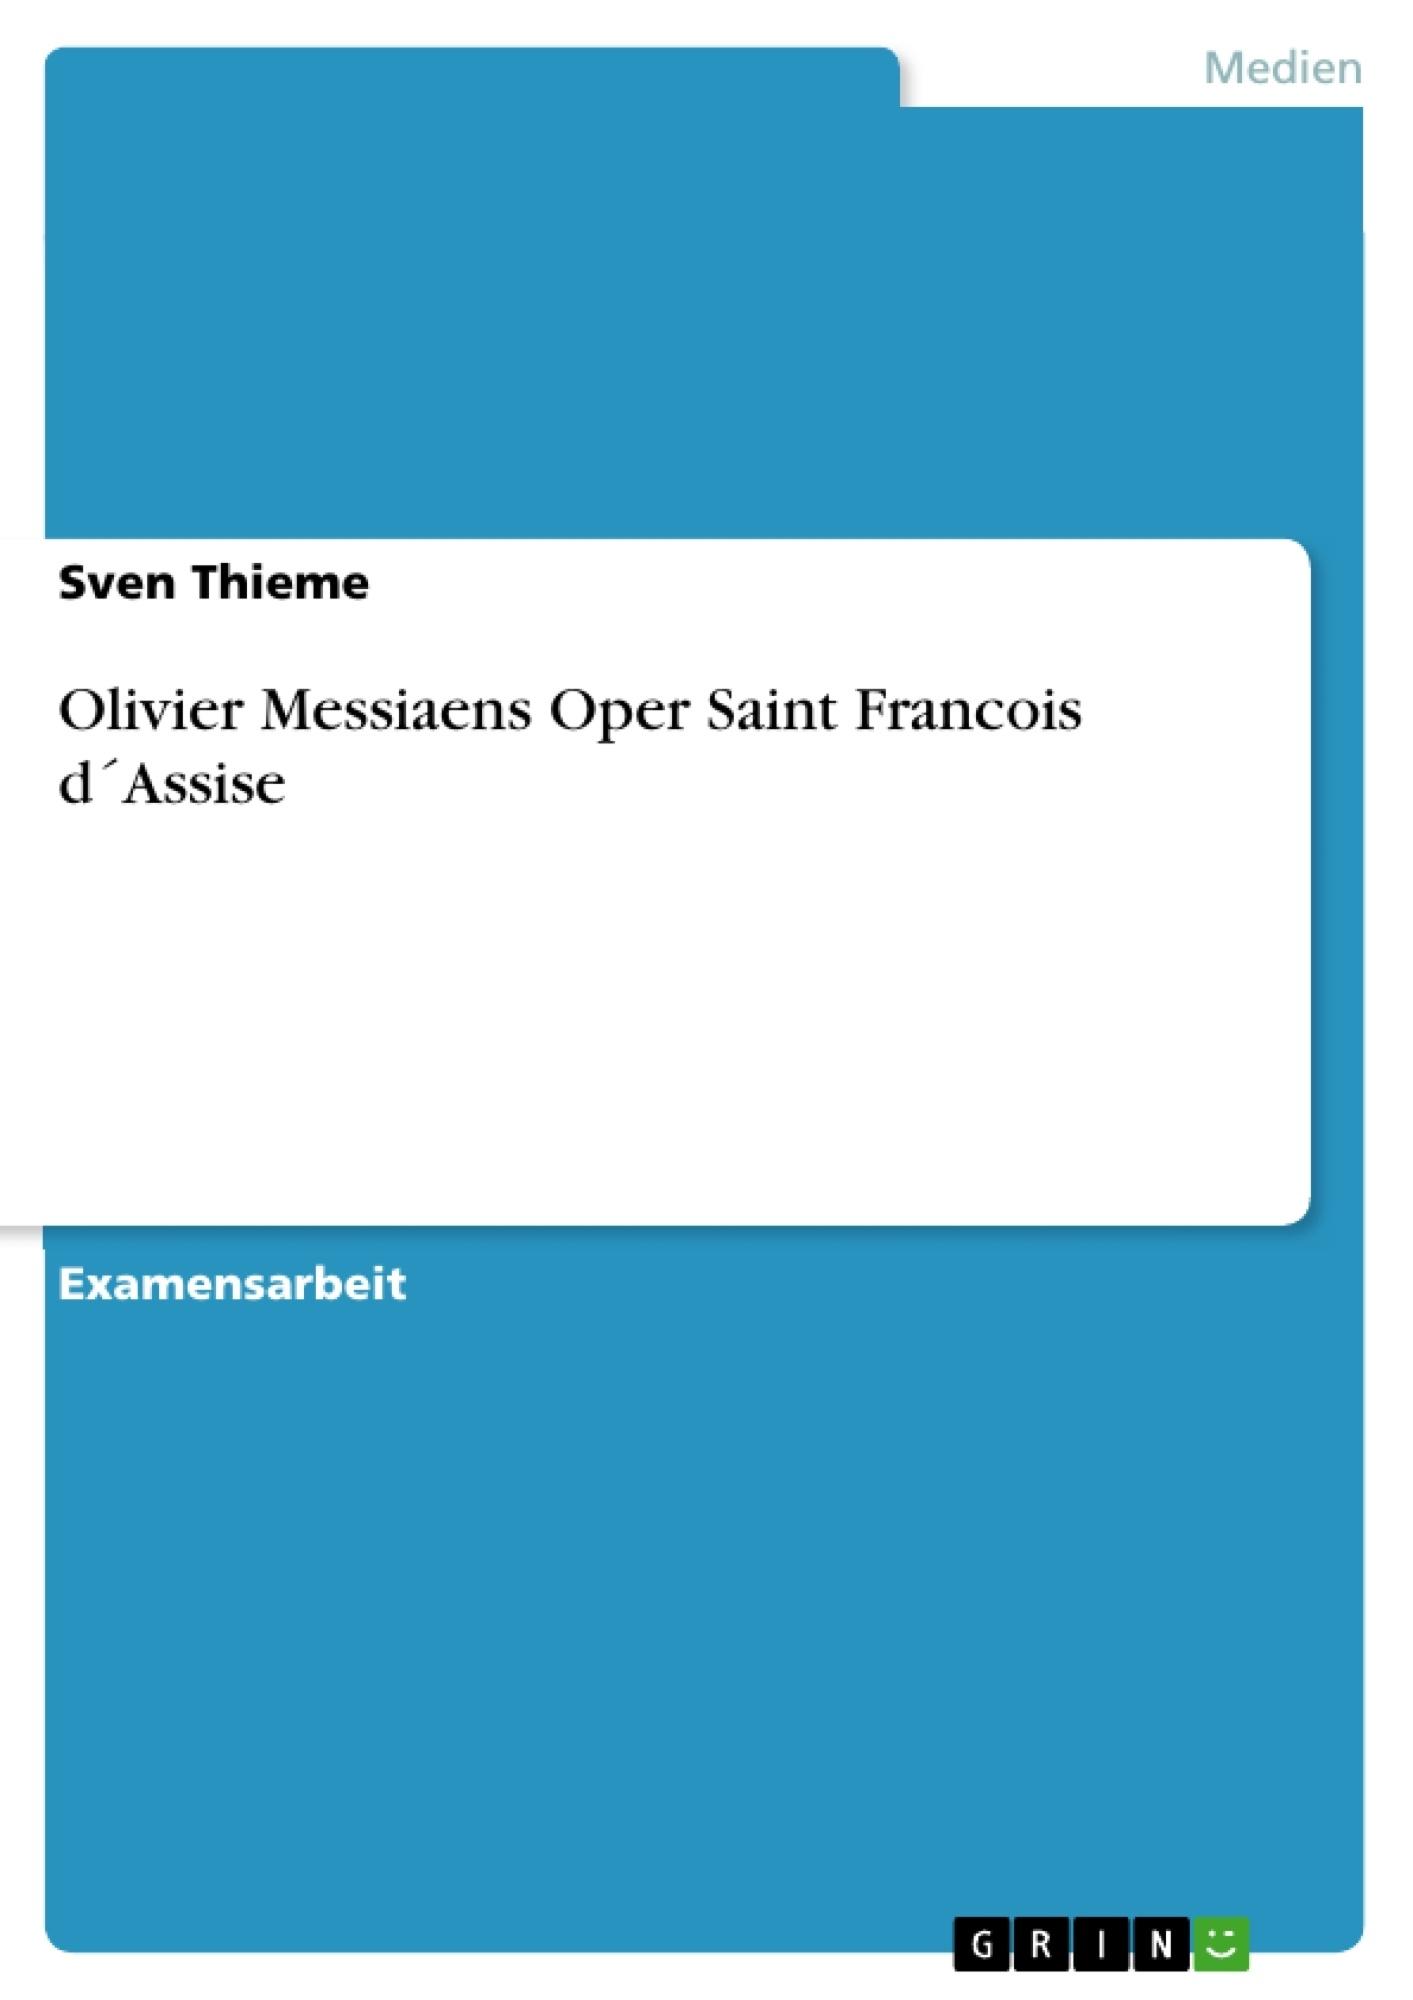 Titel: Olivier Messiaens Oper  Saint Francois d´Assise